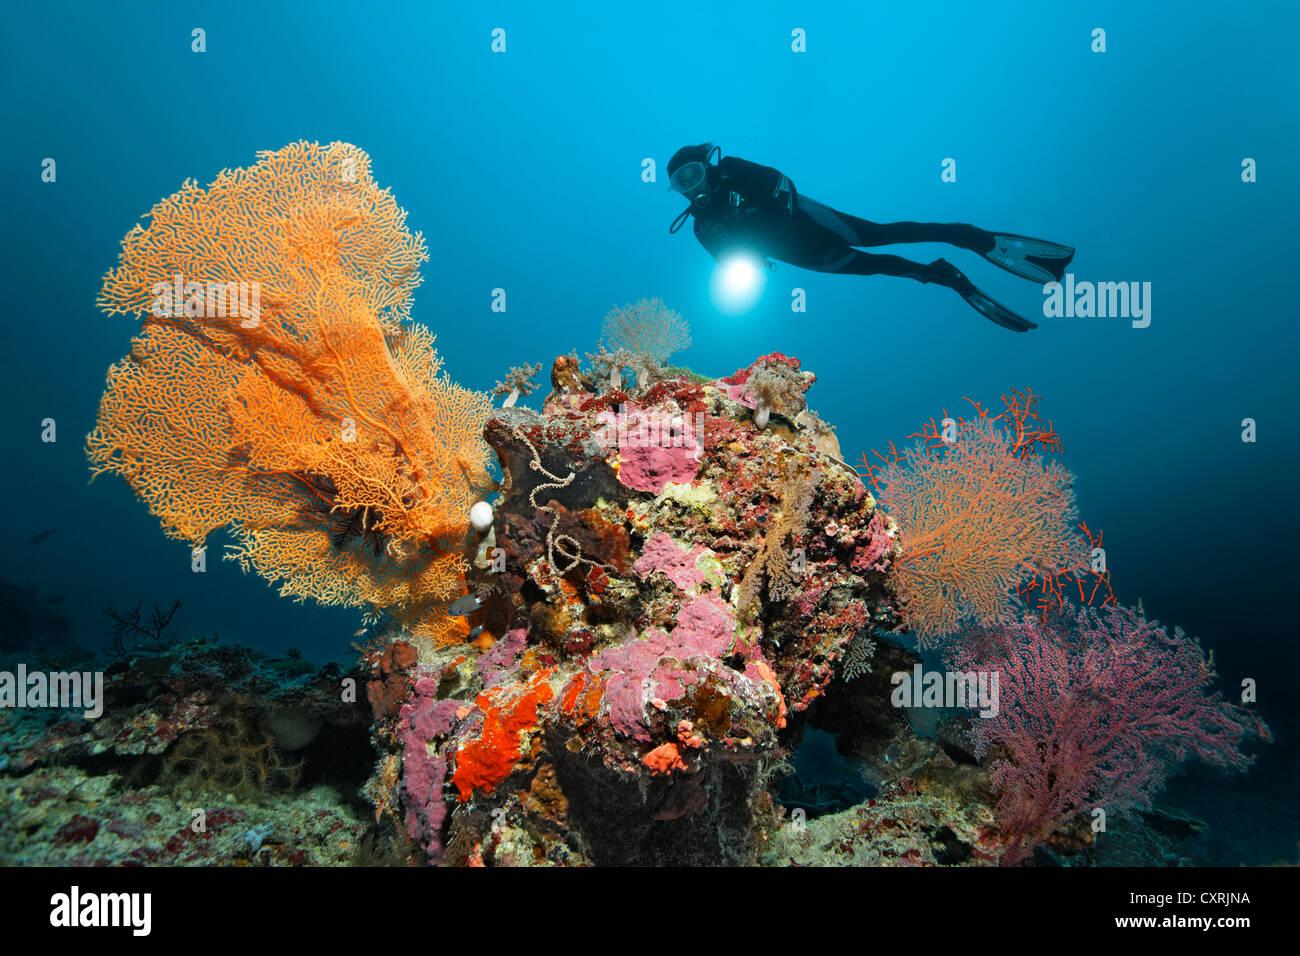 Plongeur avec une torche à la recherche à une barrière de corail avec coraux différents, paysages Photo Stock